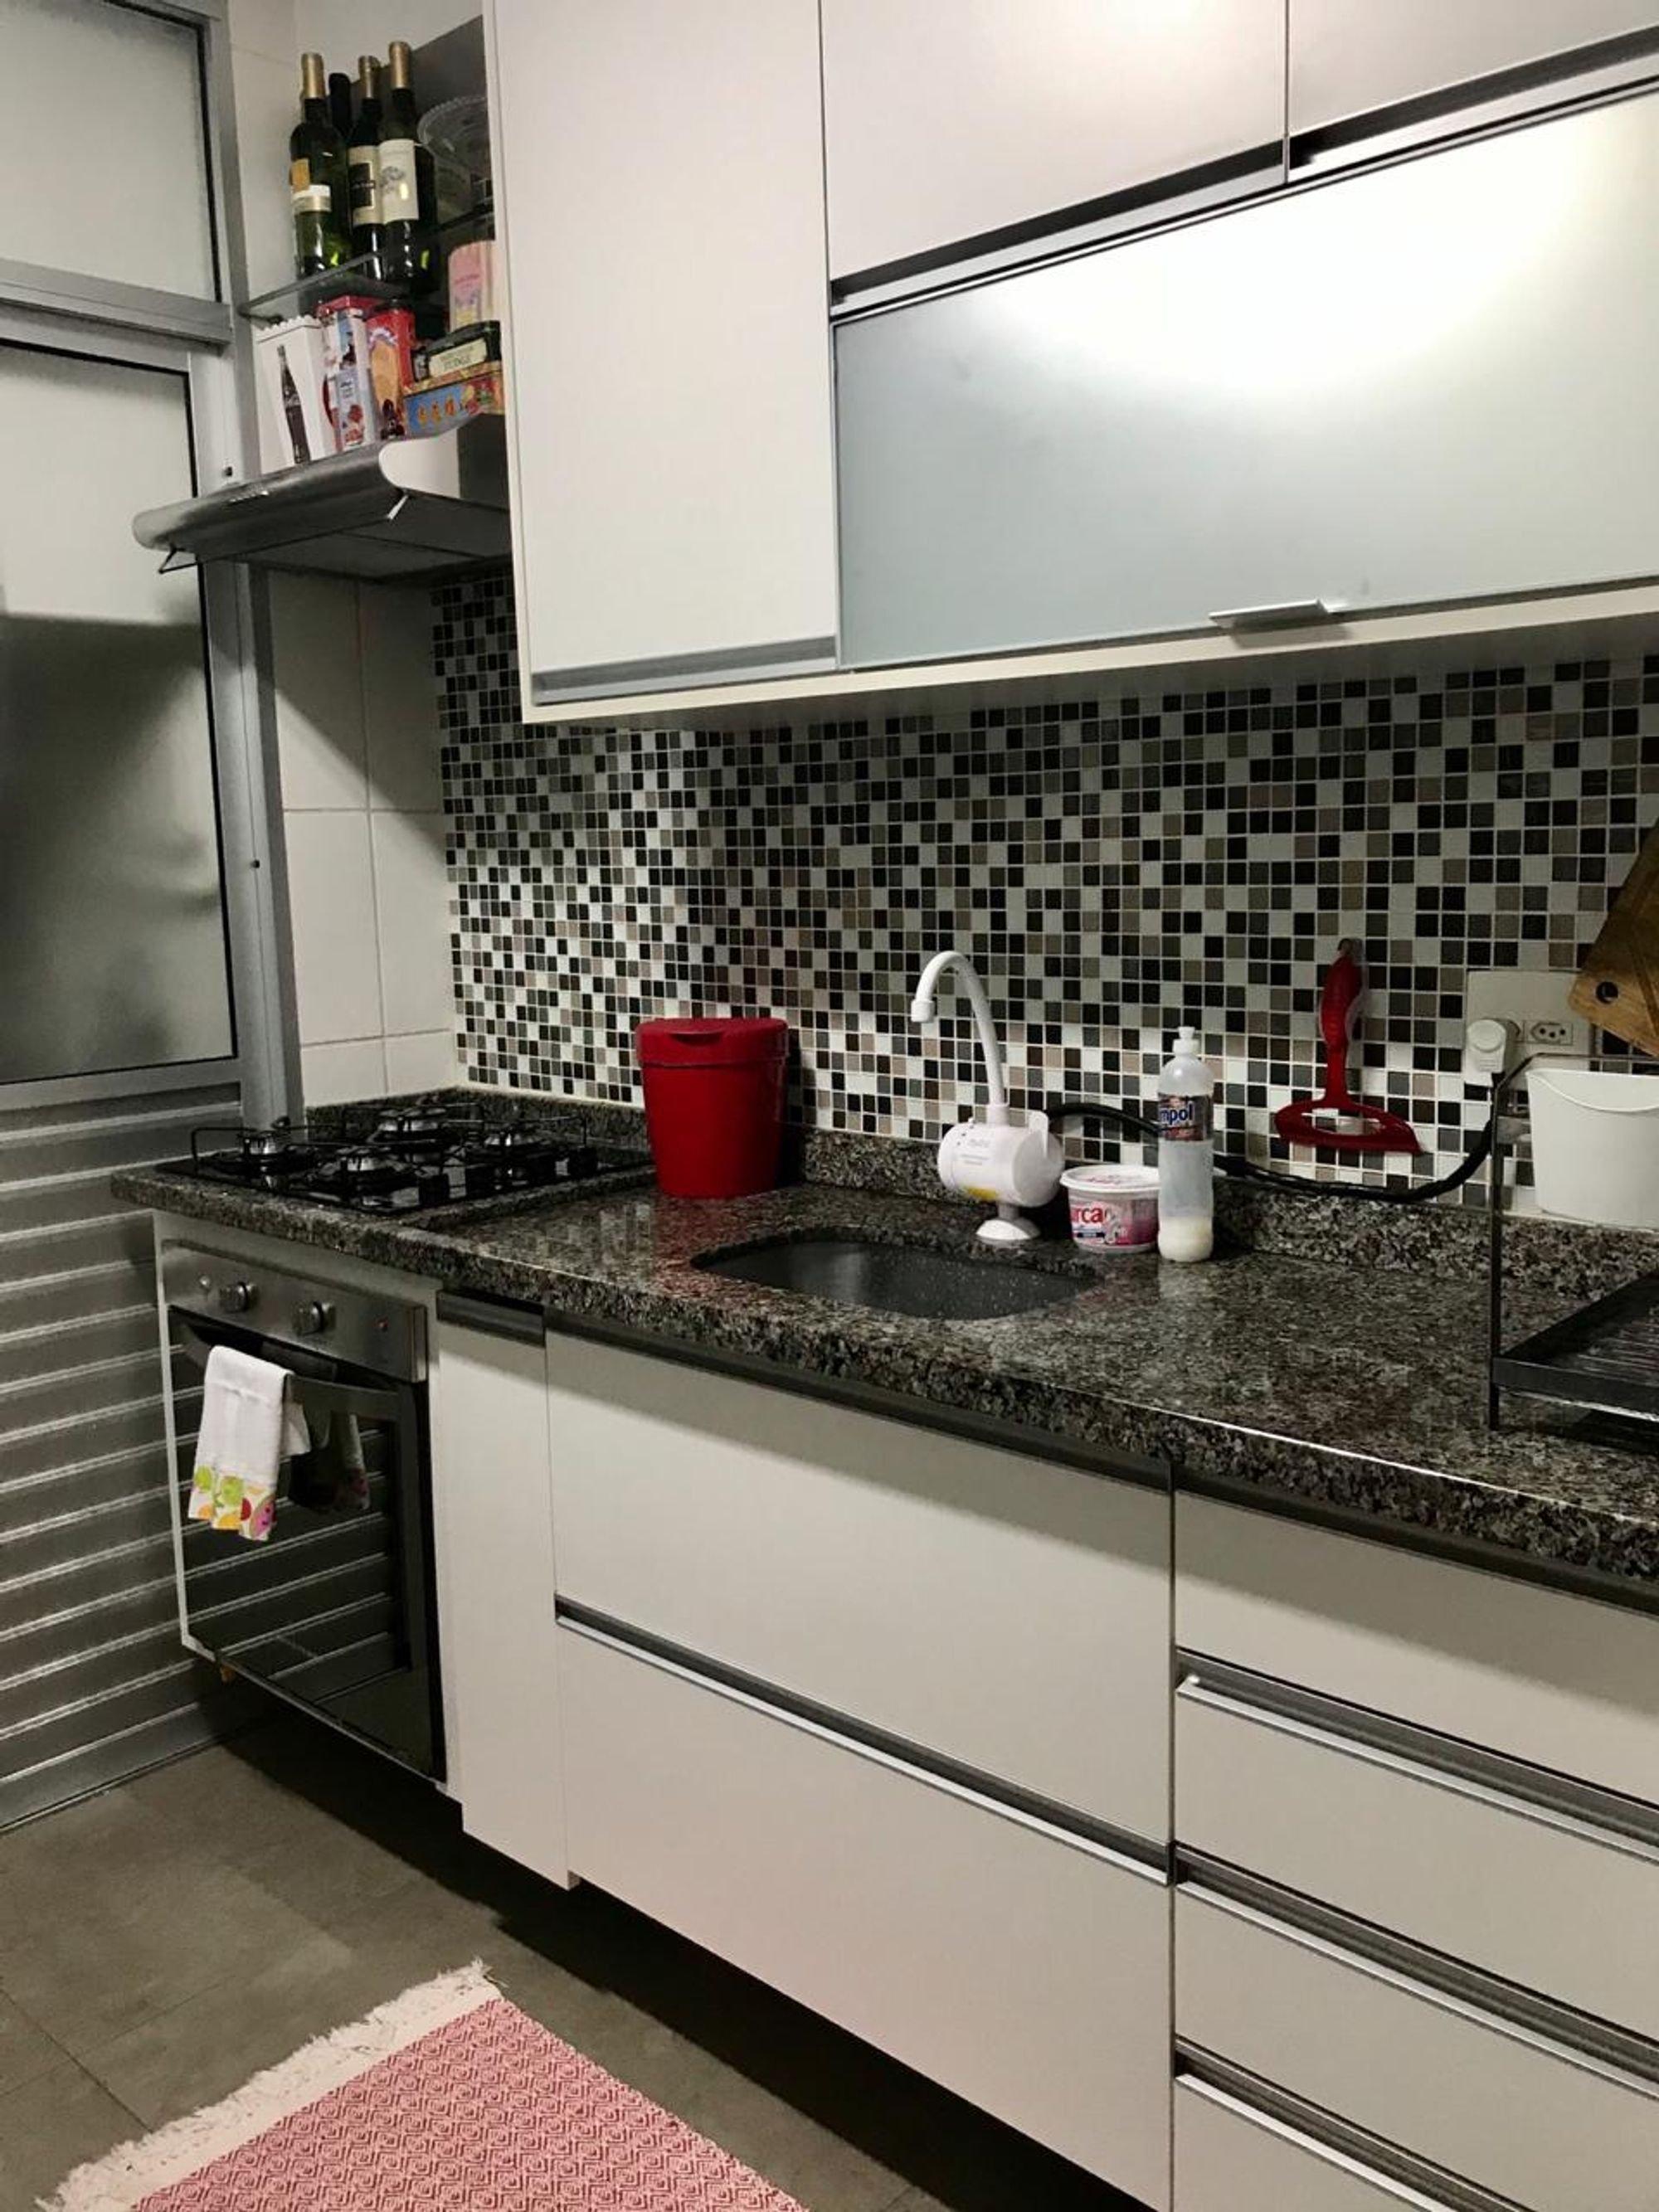 Foto de Cozinha com forno, garrafa, xícara